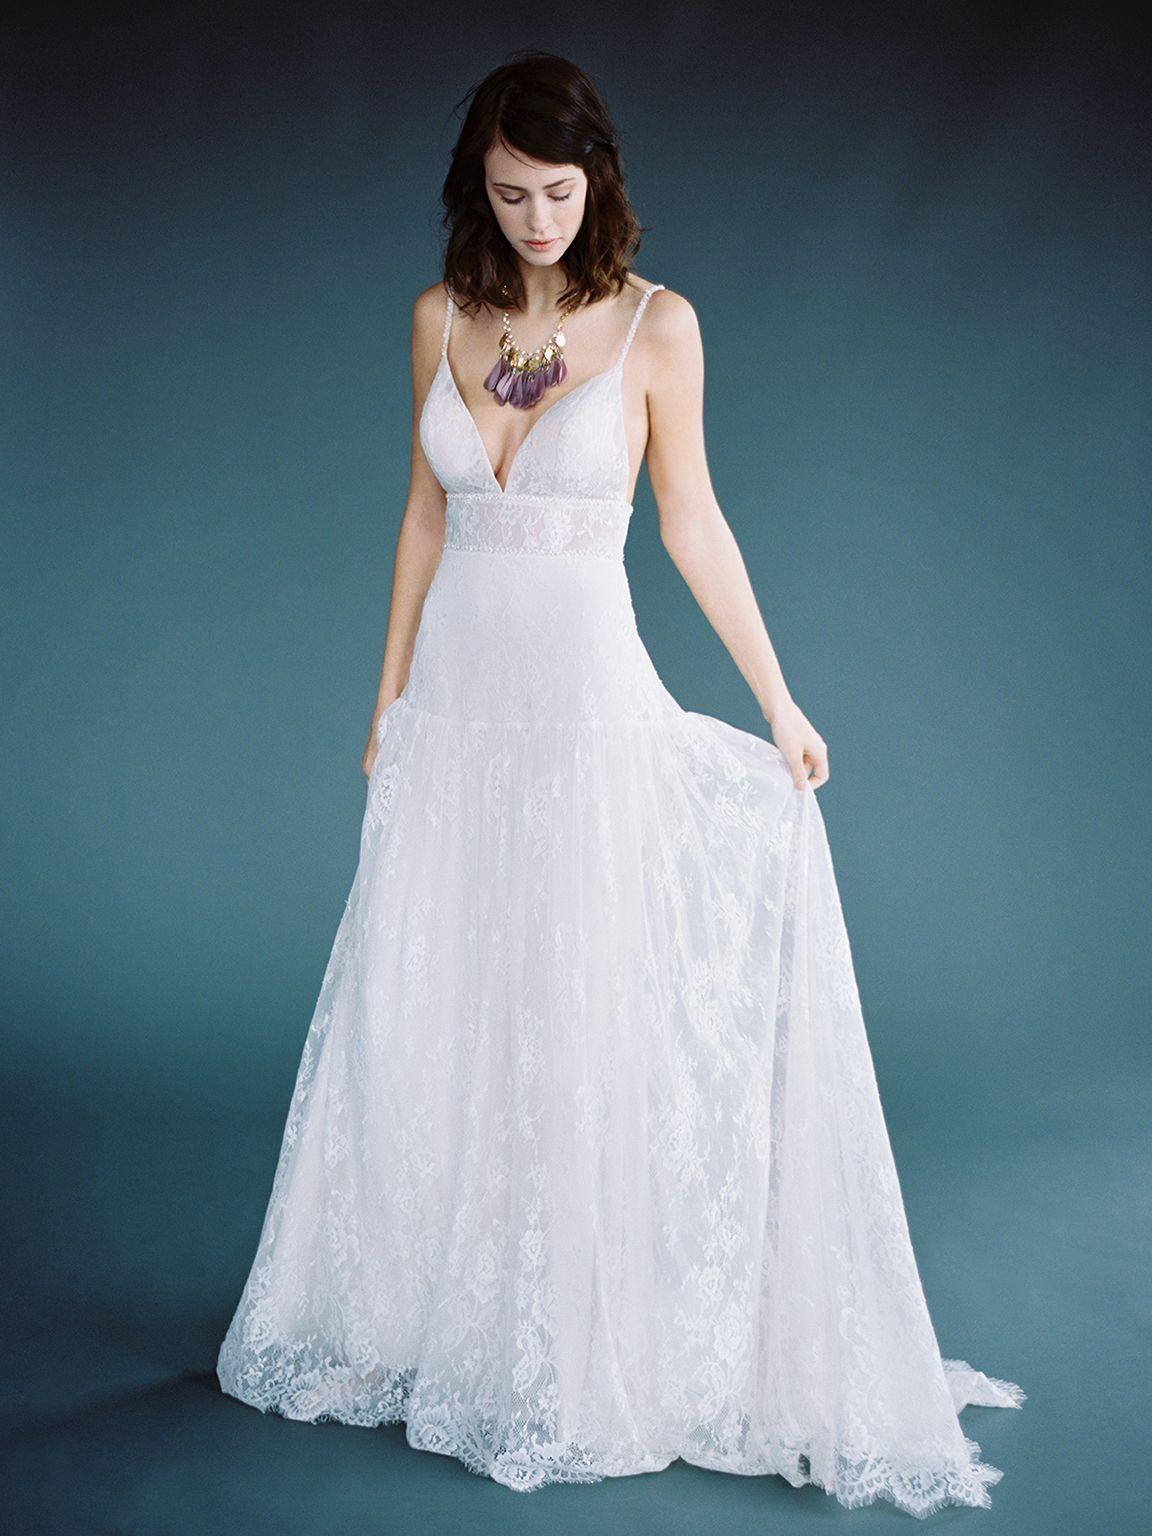 Lilyu wilderly bride allure bridals pinterest allure bridal